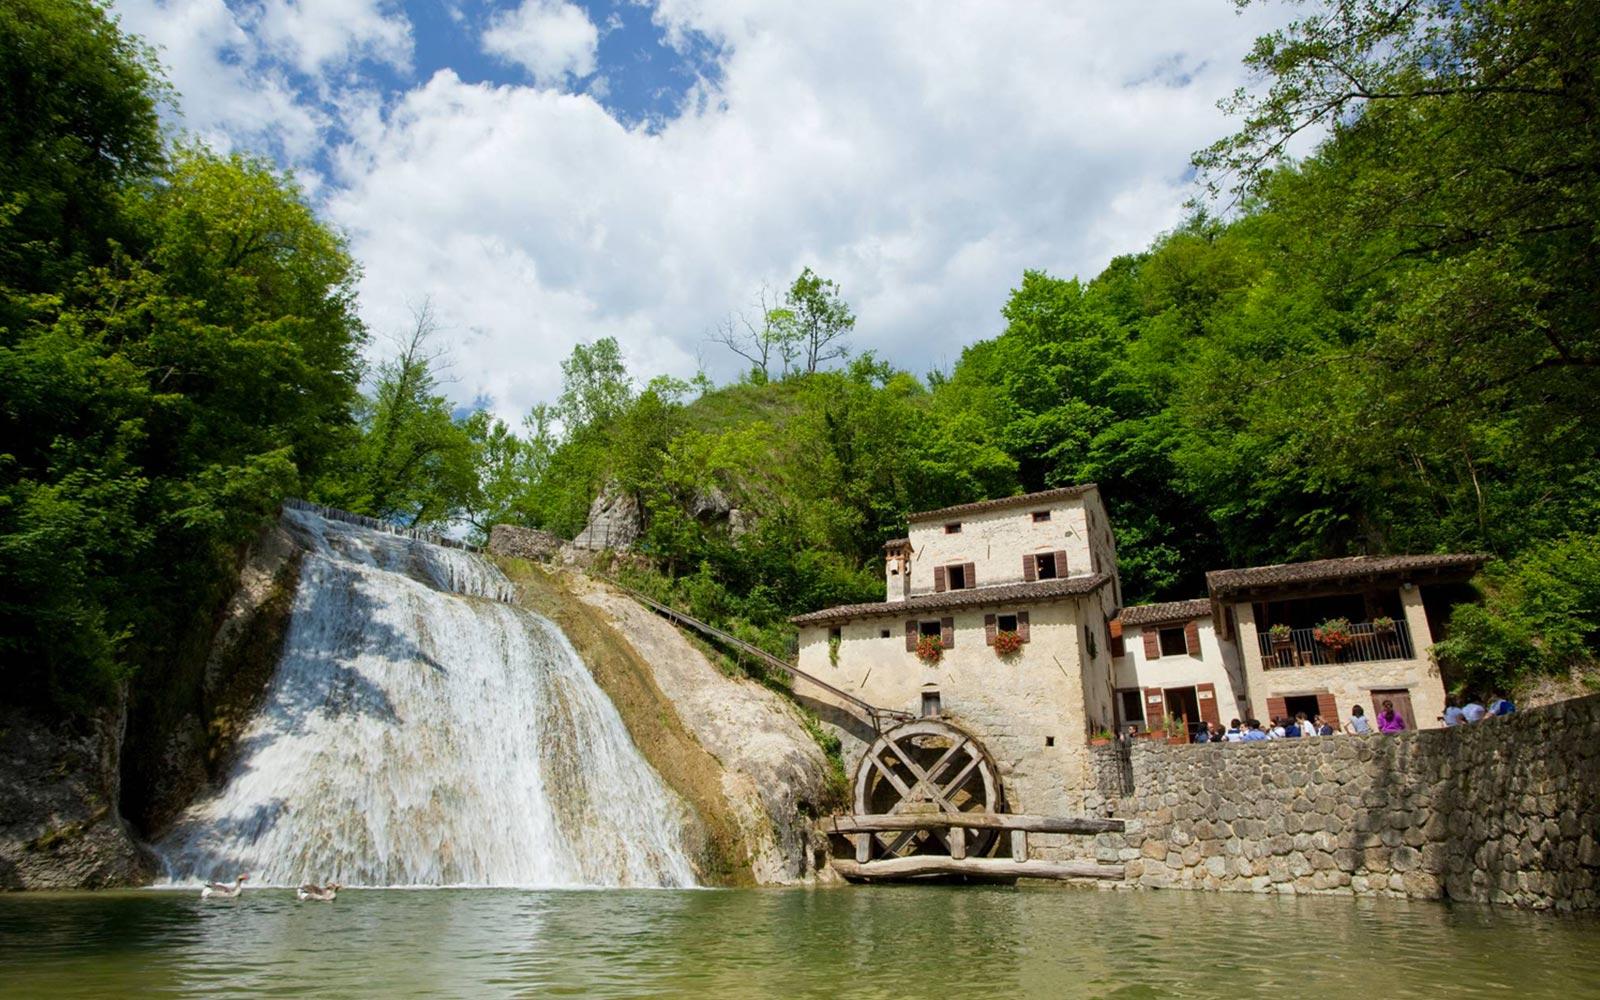 11 Treviso. Reisen wÑhrend eines Urlaubs in der Region Venetien